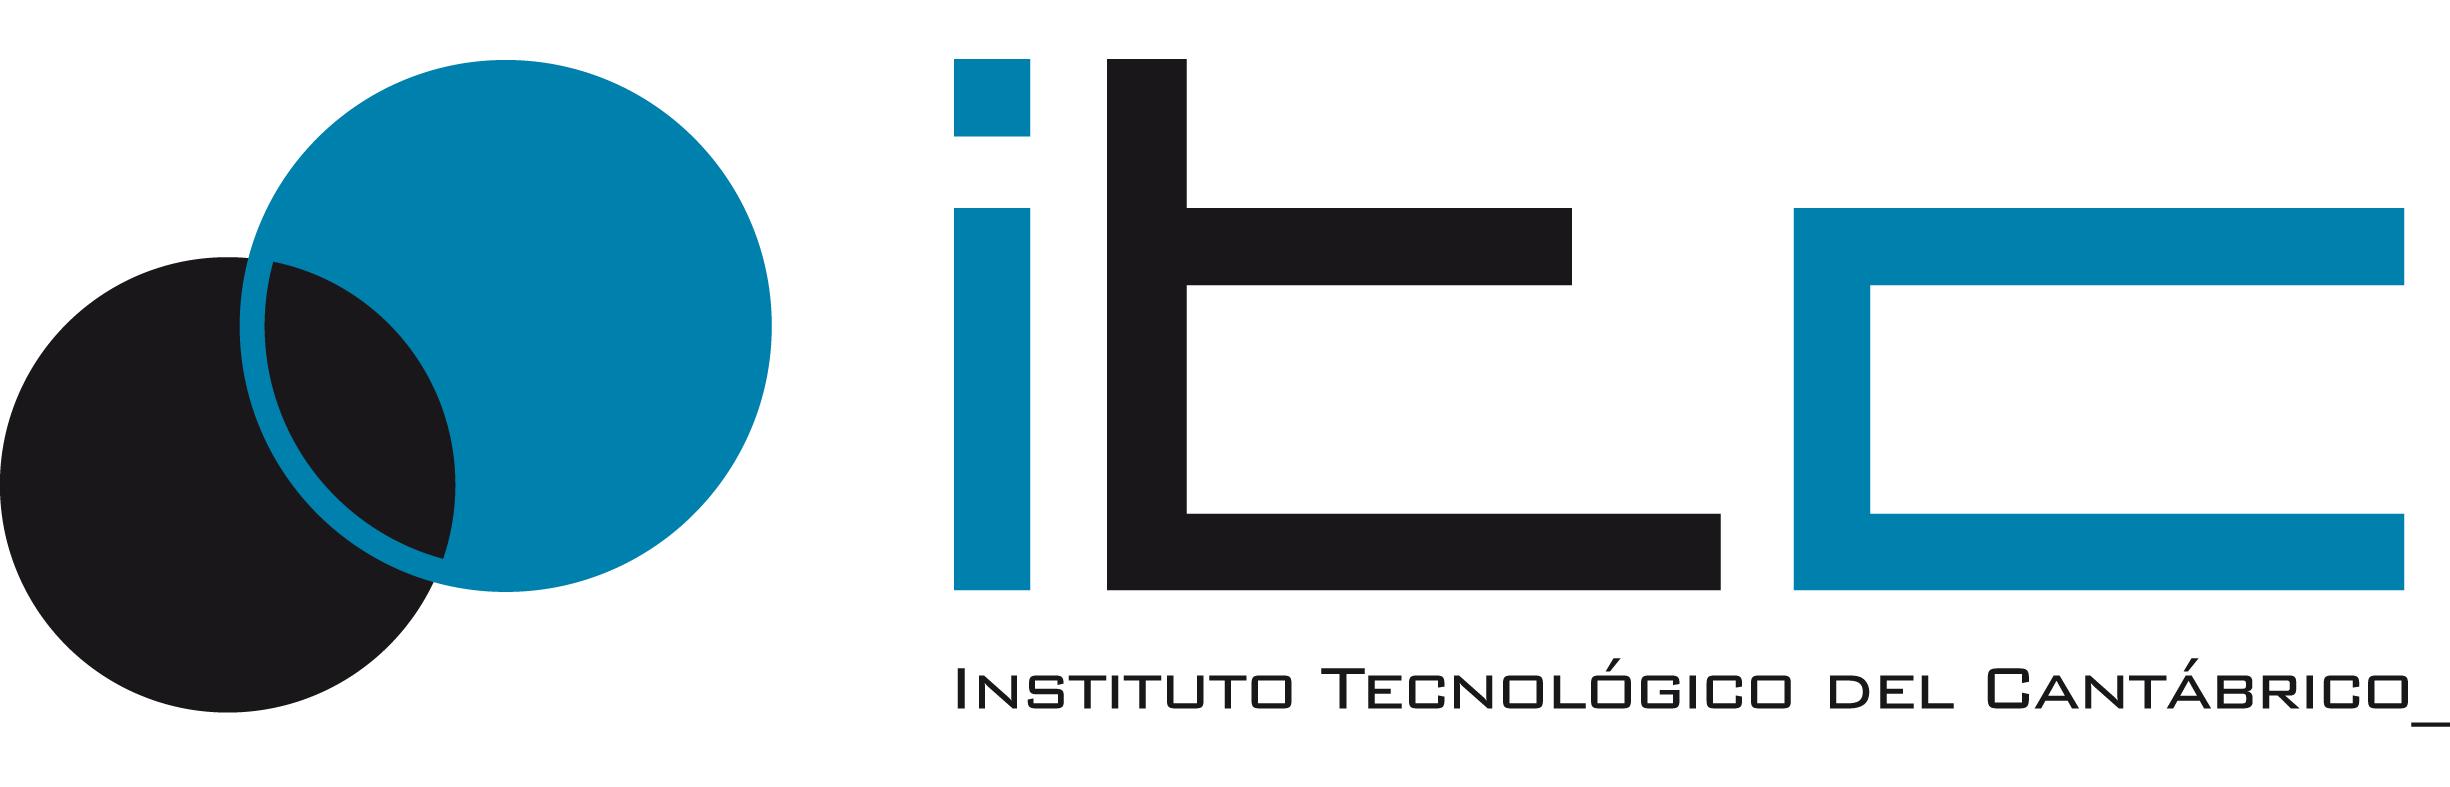 ITC -  Instituto Tecnológico del Cantábrico